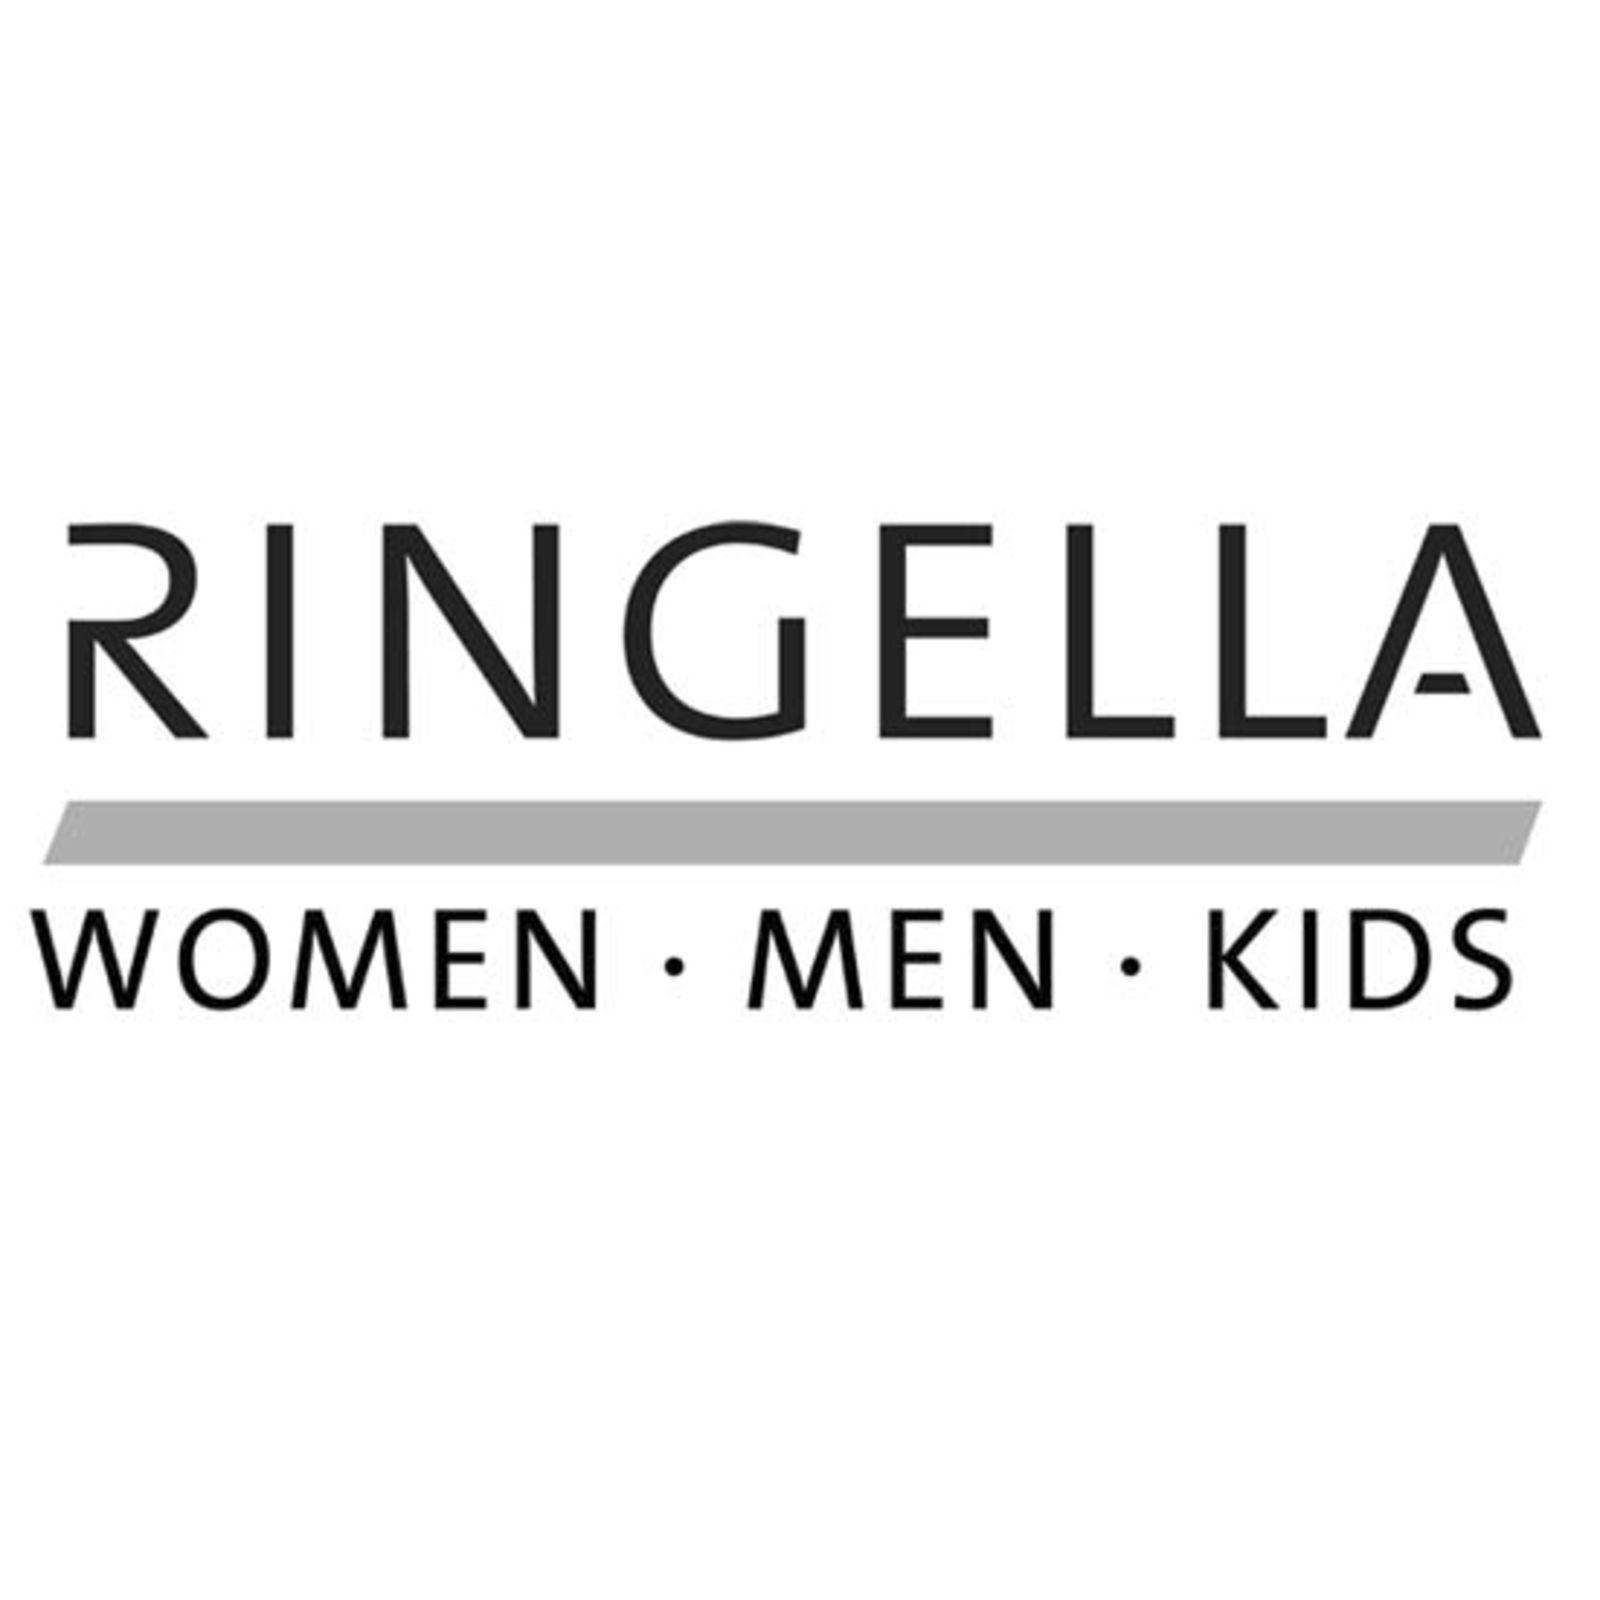 RINGELLA (Image 1)